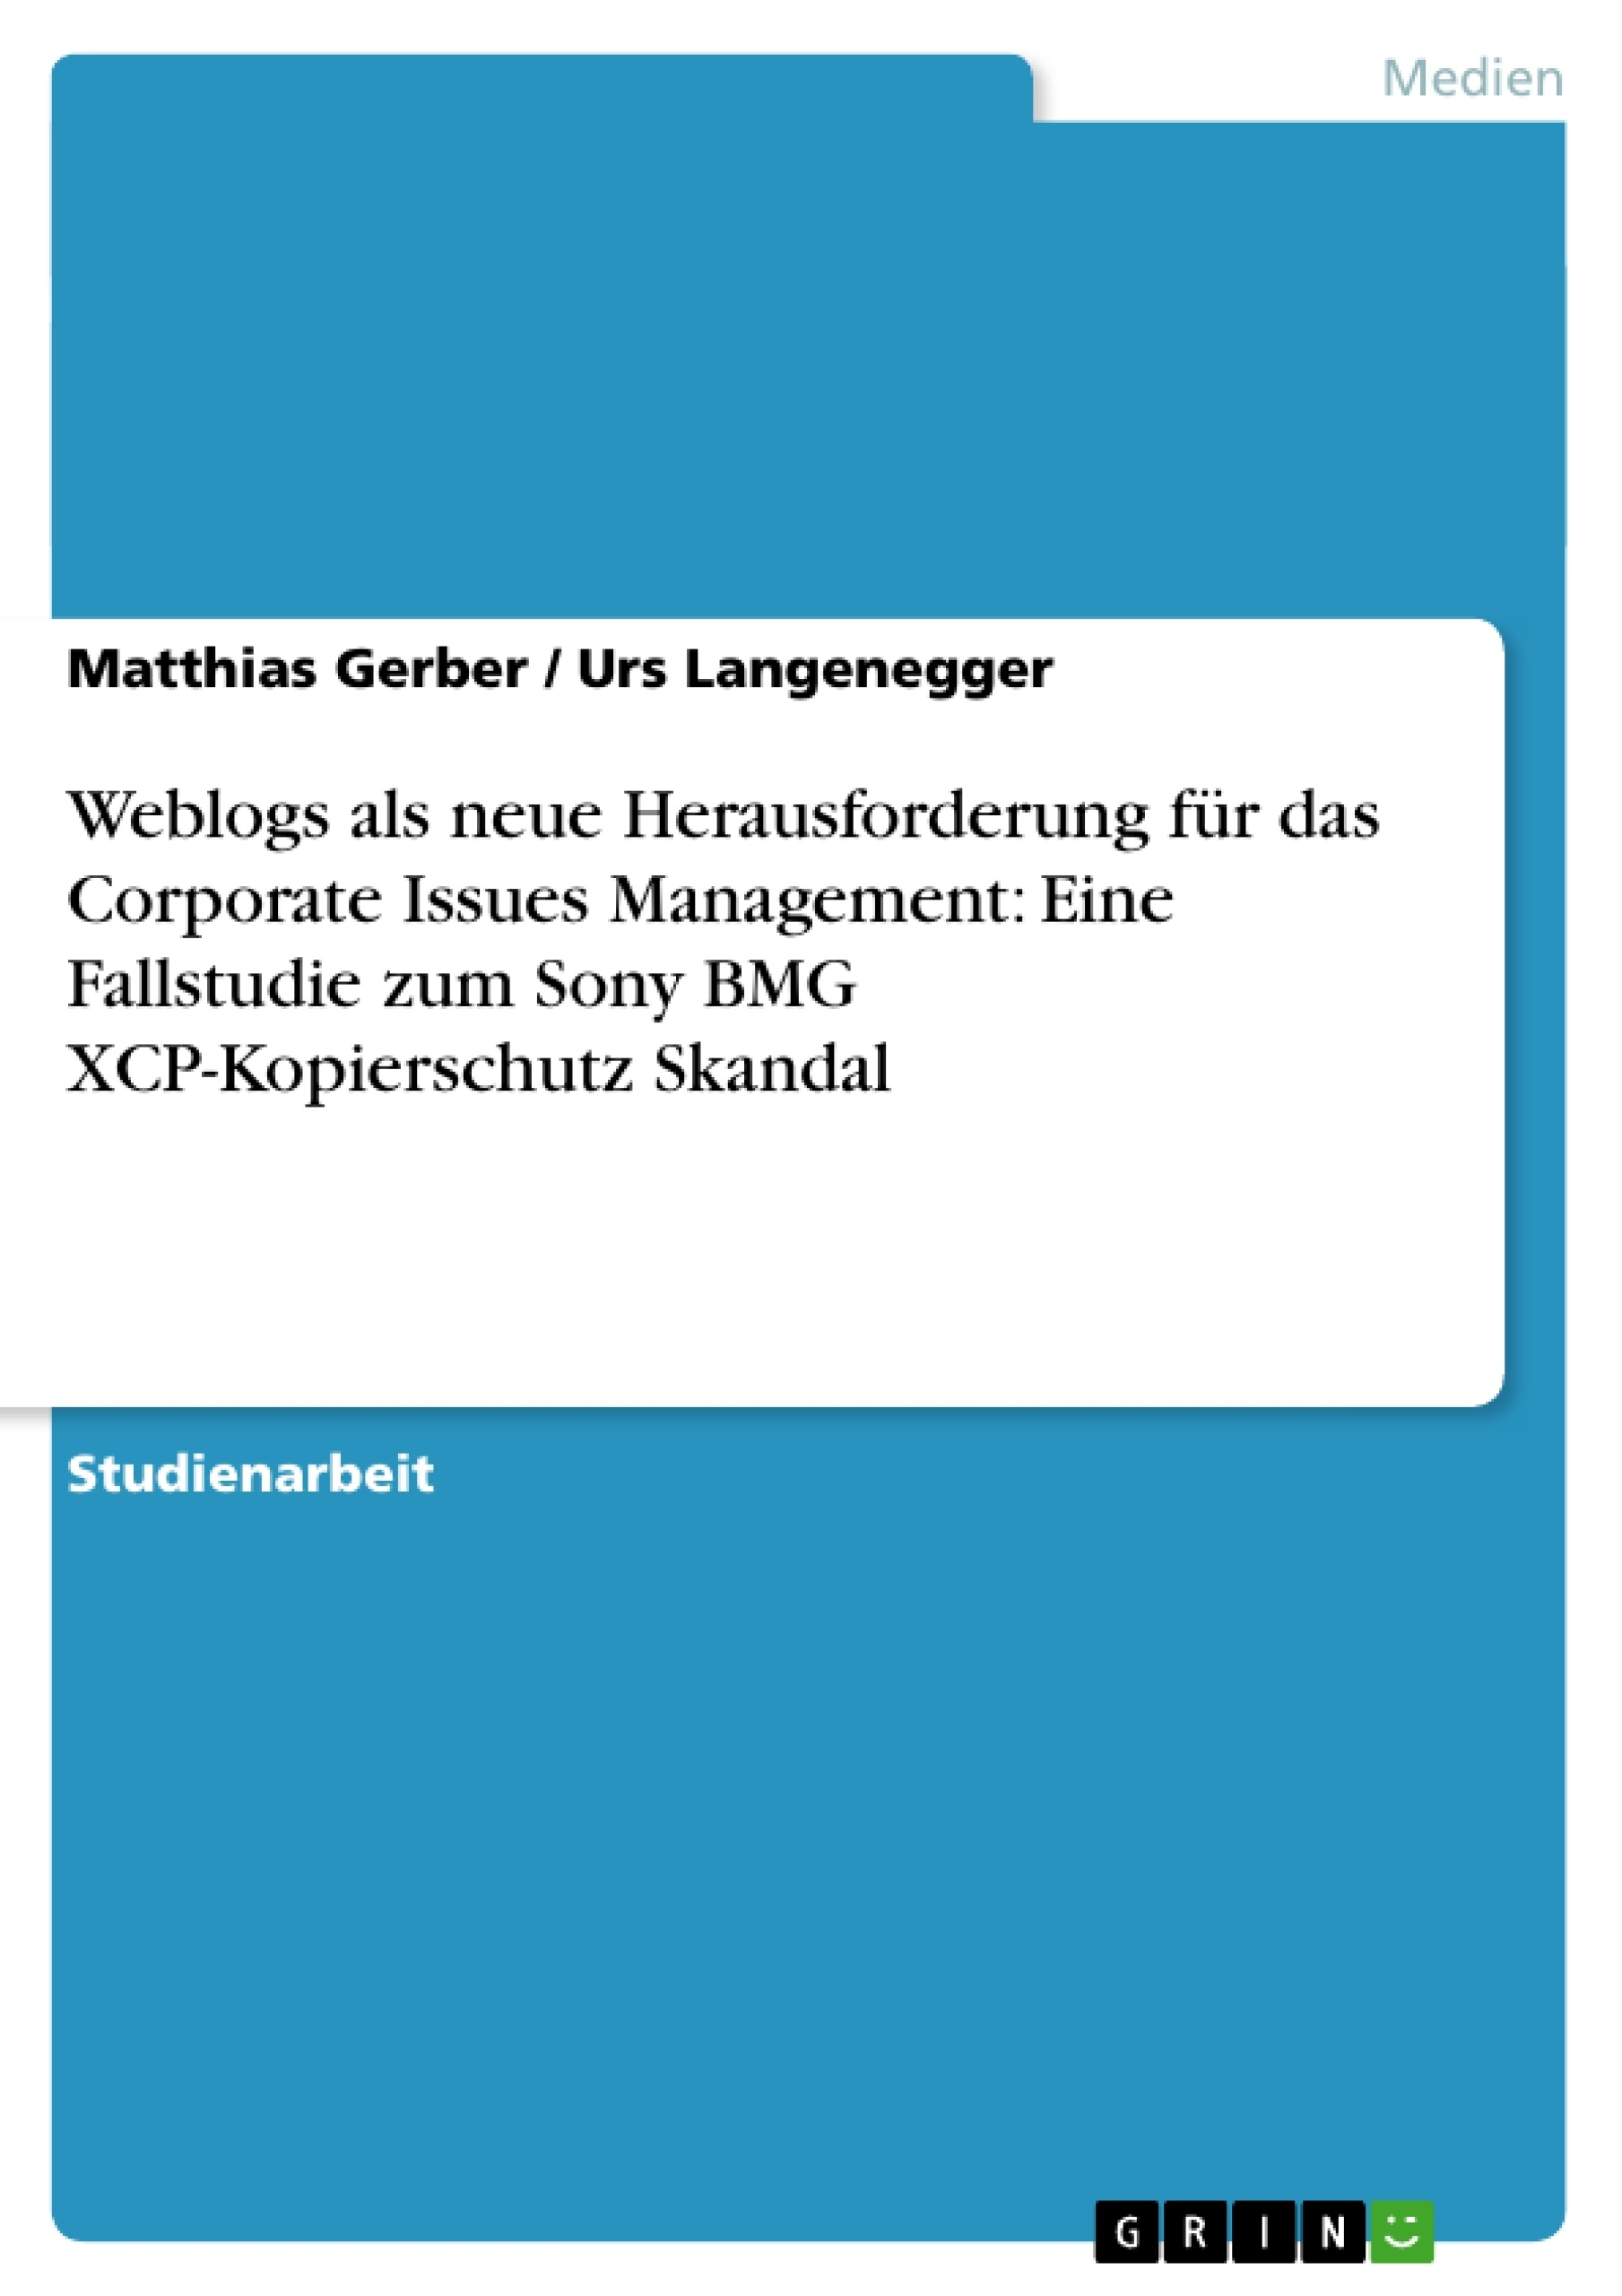 Titel: Weblogs als neue Herausforderung für das Corporate Issues Management: Eine Fallstudie zum Sony BMG XCP-Kopierschutz Skandal